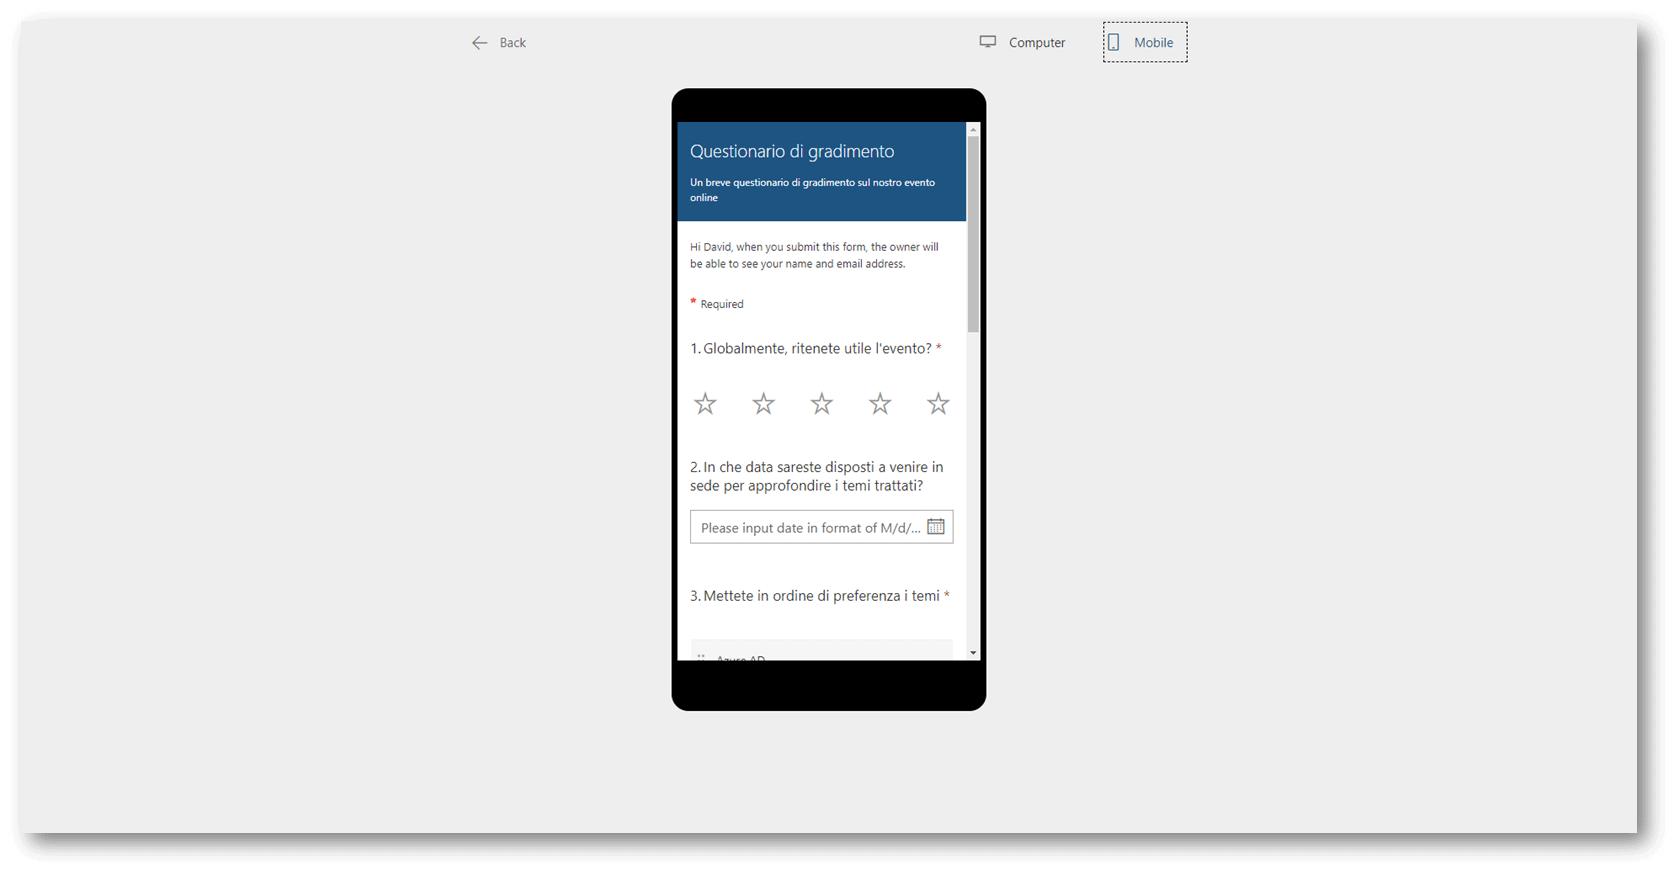 anteprima form smartphone